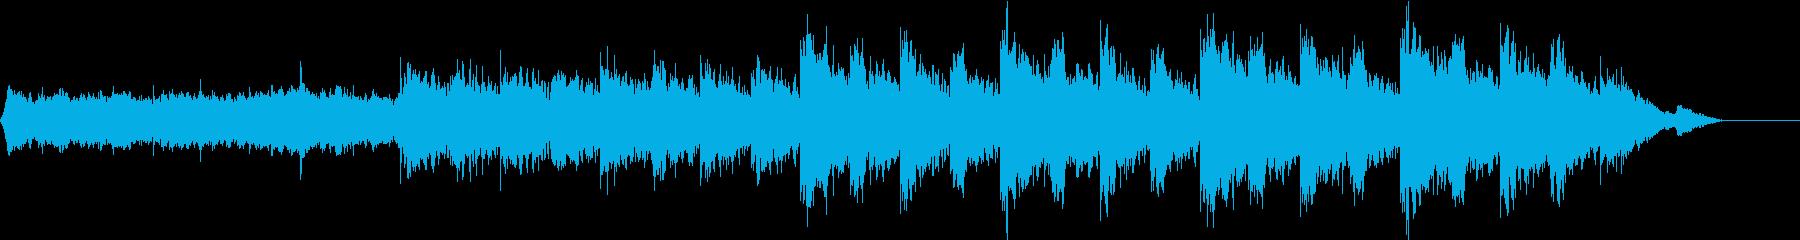 ショートBGM、エスニックフォレストの再生済みの波形